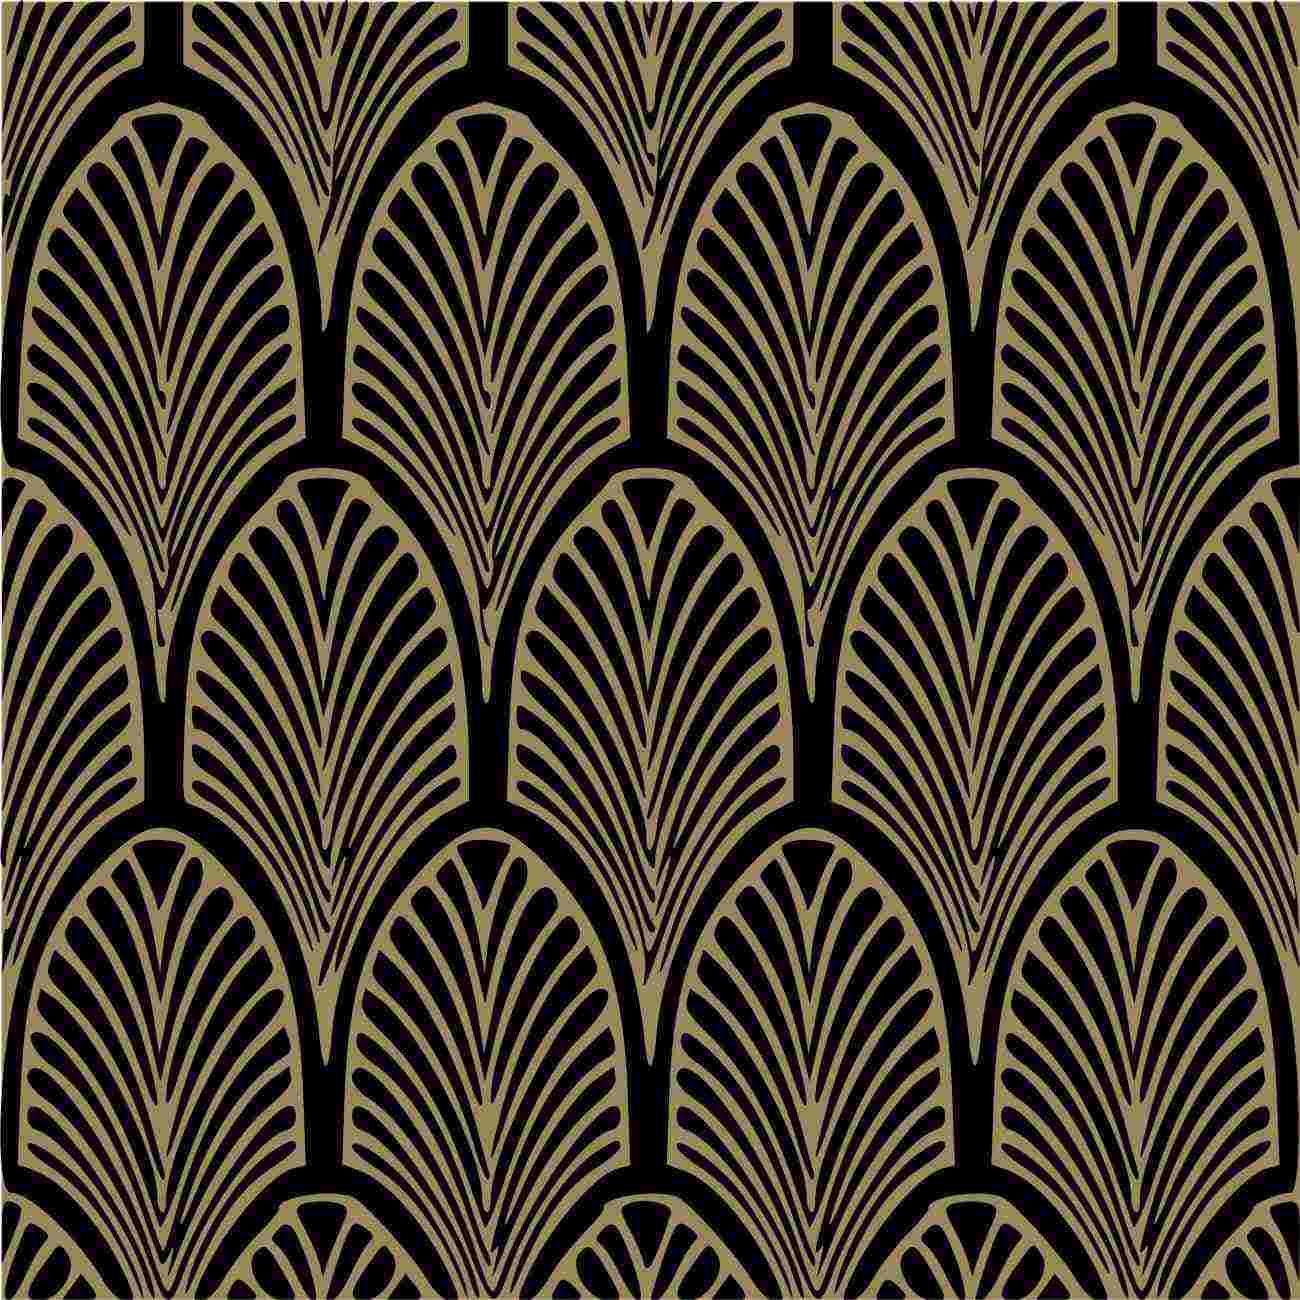 Art Deco Wallpapers - Wallpaper Cave